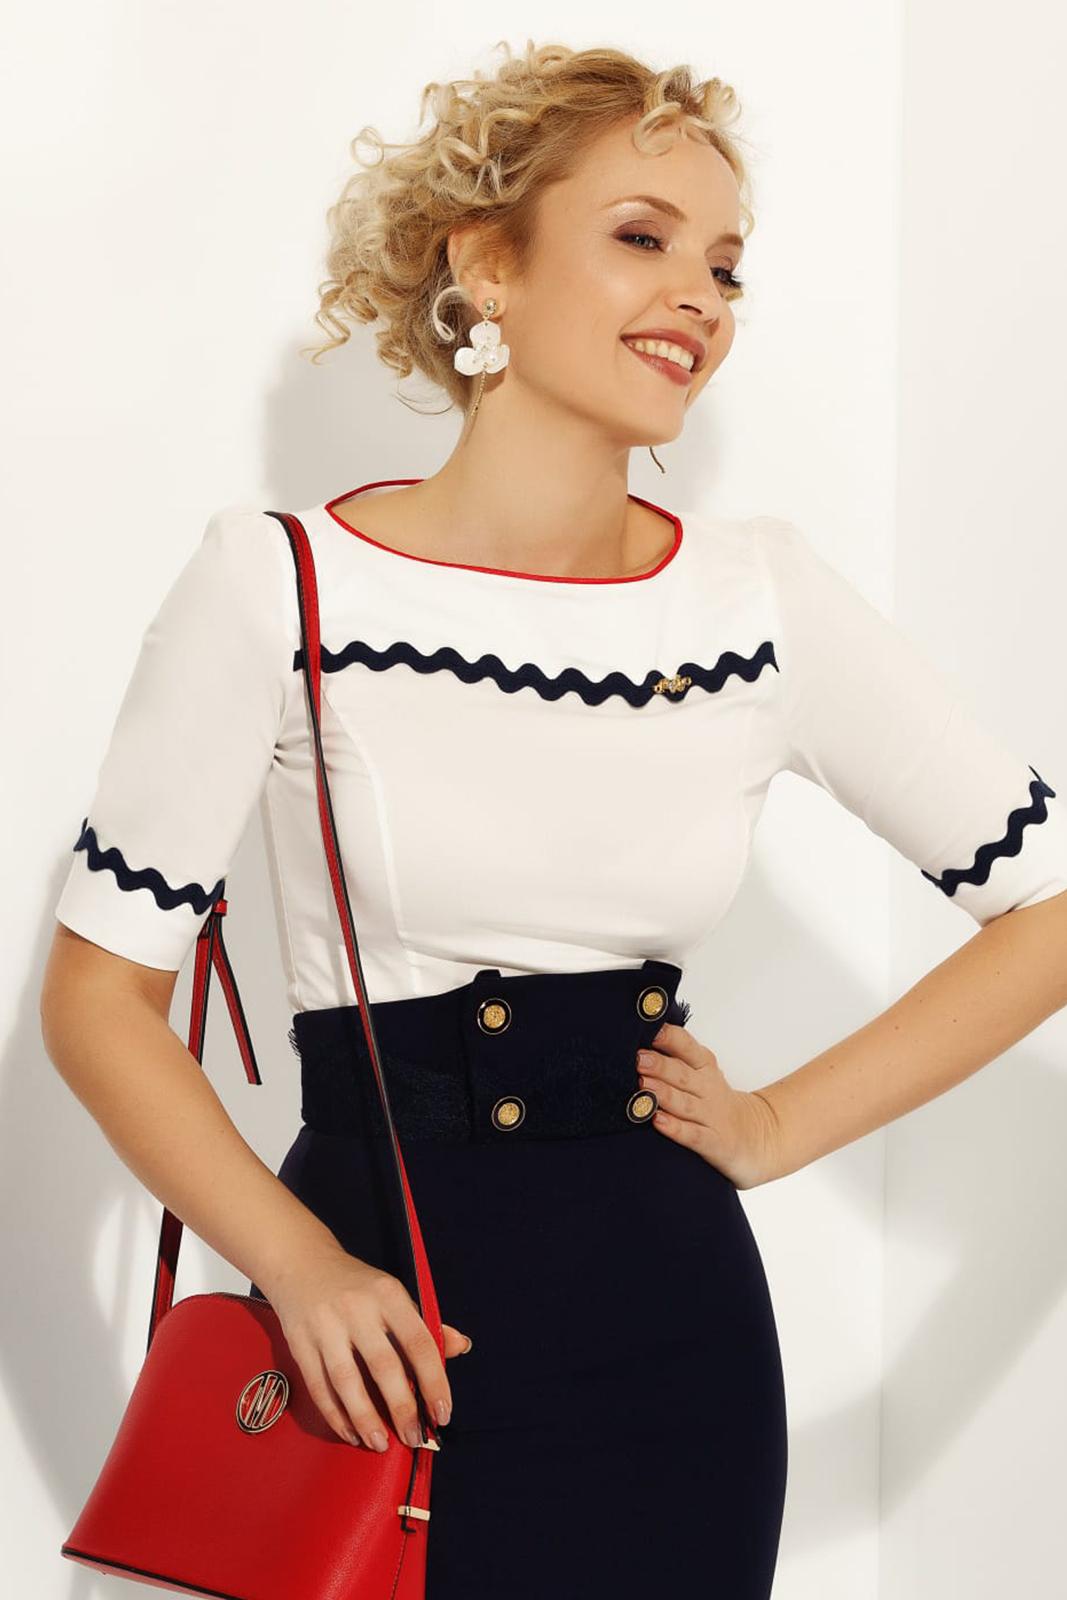 Fehér Fofy női ing irodai szűk szabás enyhén elasztikus pamut háromnegyedes ujjú